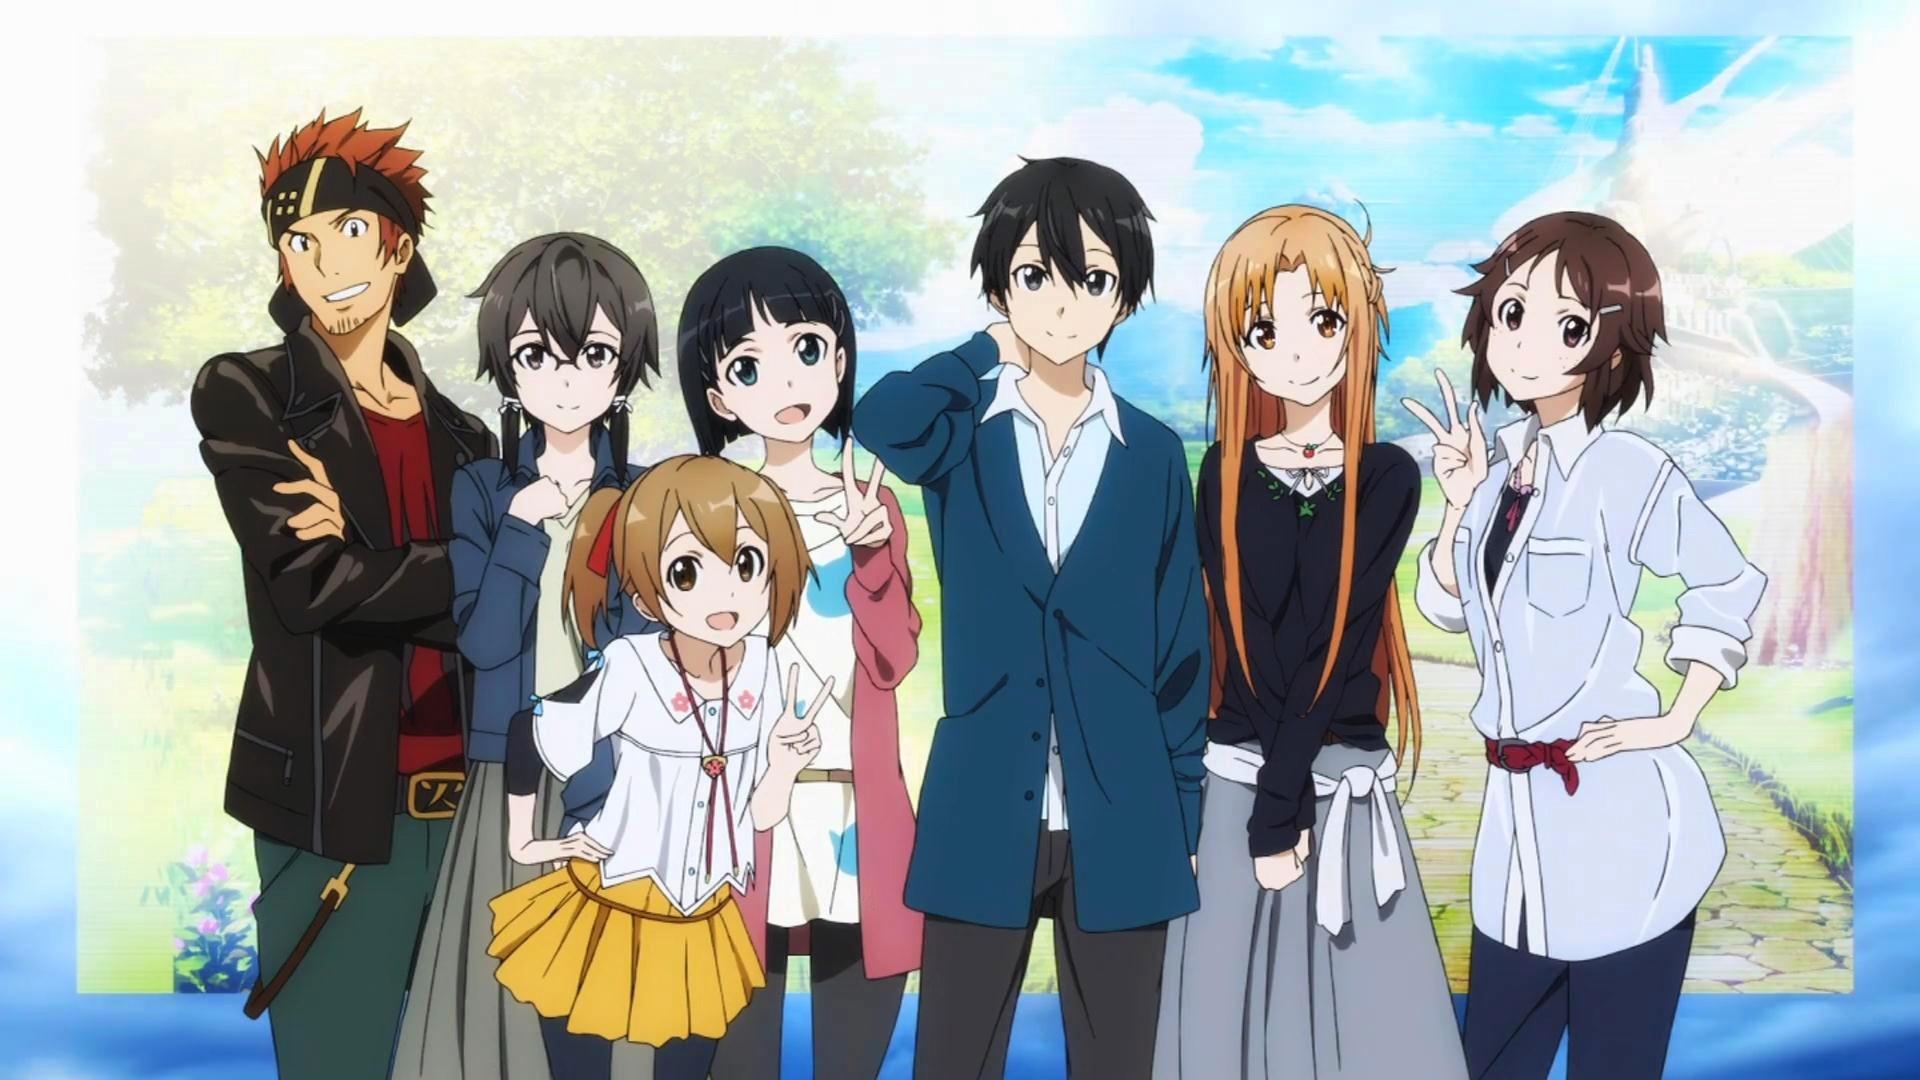 Anime – Sword Art Online II Klein (Sword Art Online) Sinon (Sword Art